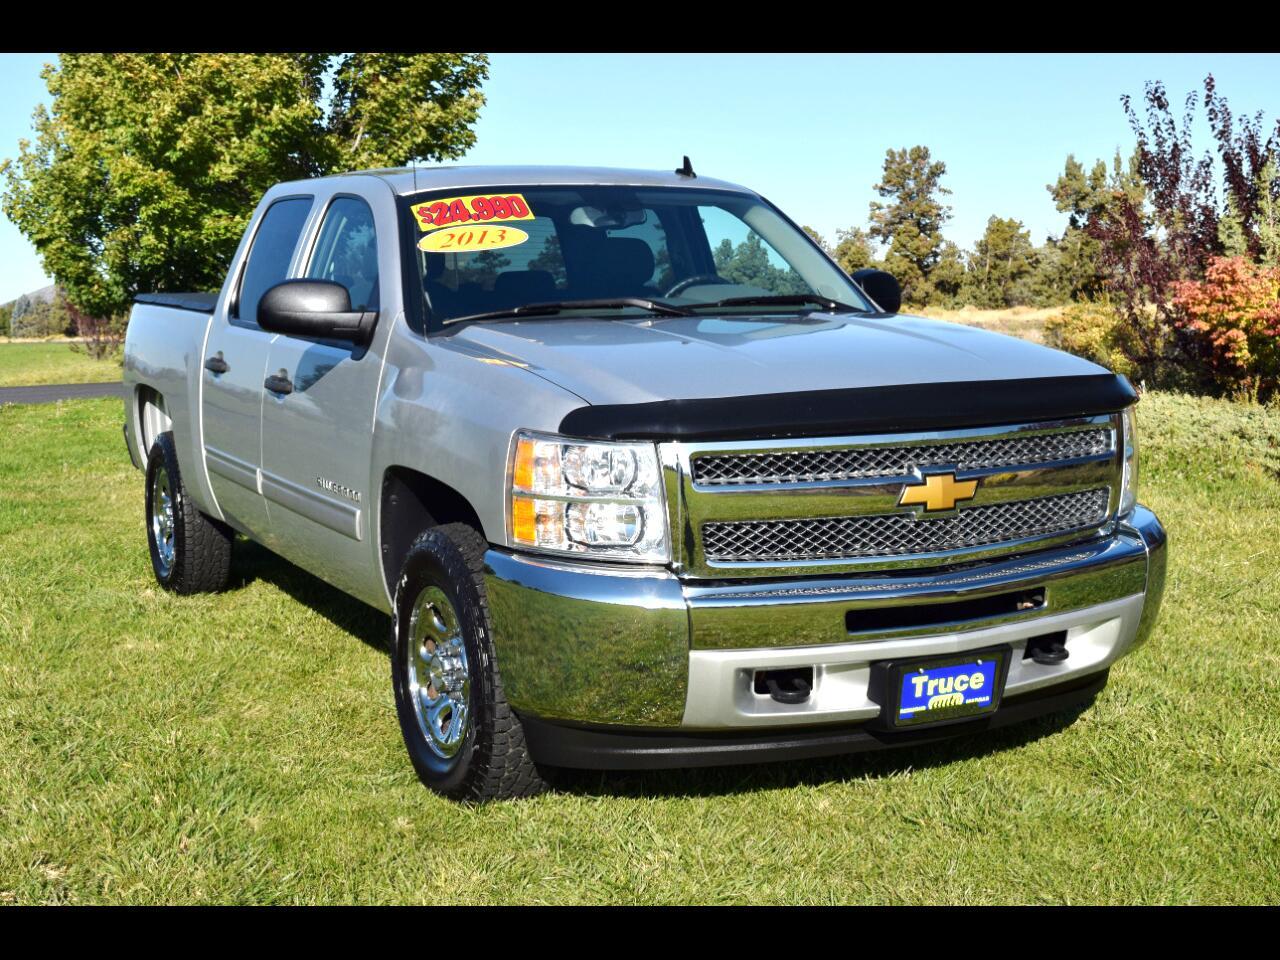 2013 Chevrolet Silverado 1500 4WD Crew Cab LS**LOW MILES**